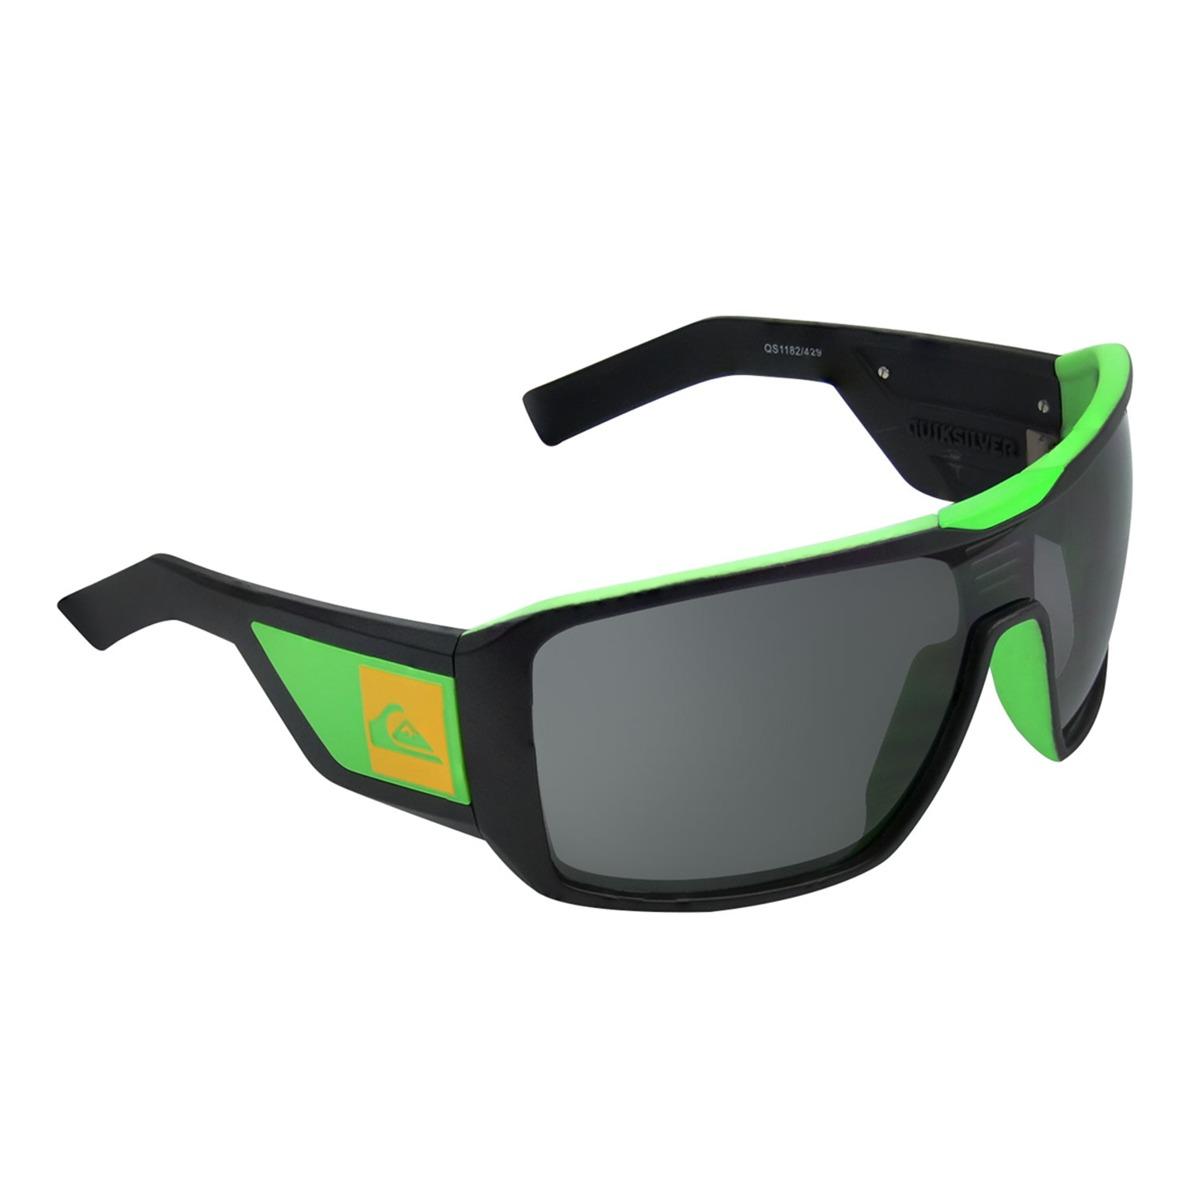 Óculos Quiksilver Mackin Black Green - R  169,90 em Mercado Livre 1bca95a4b0